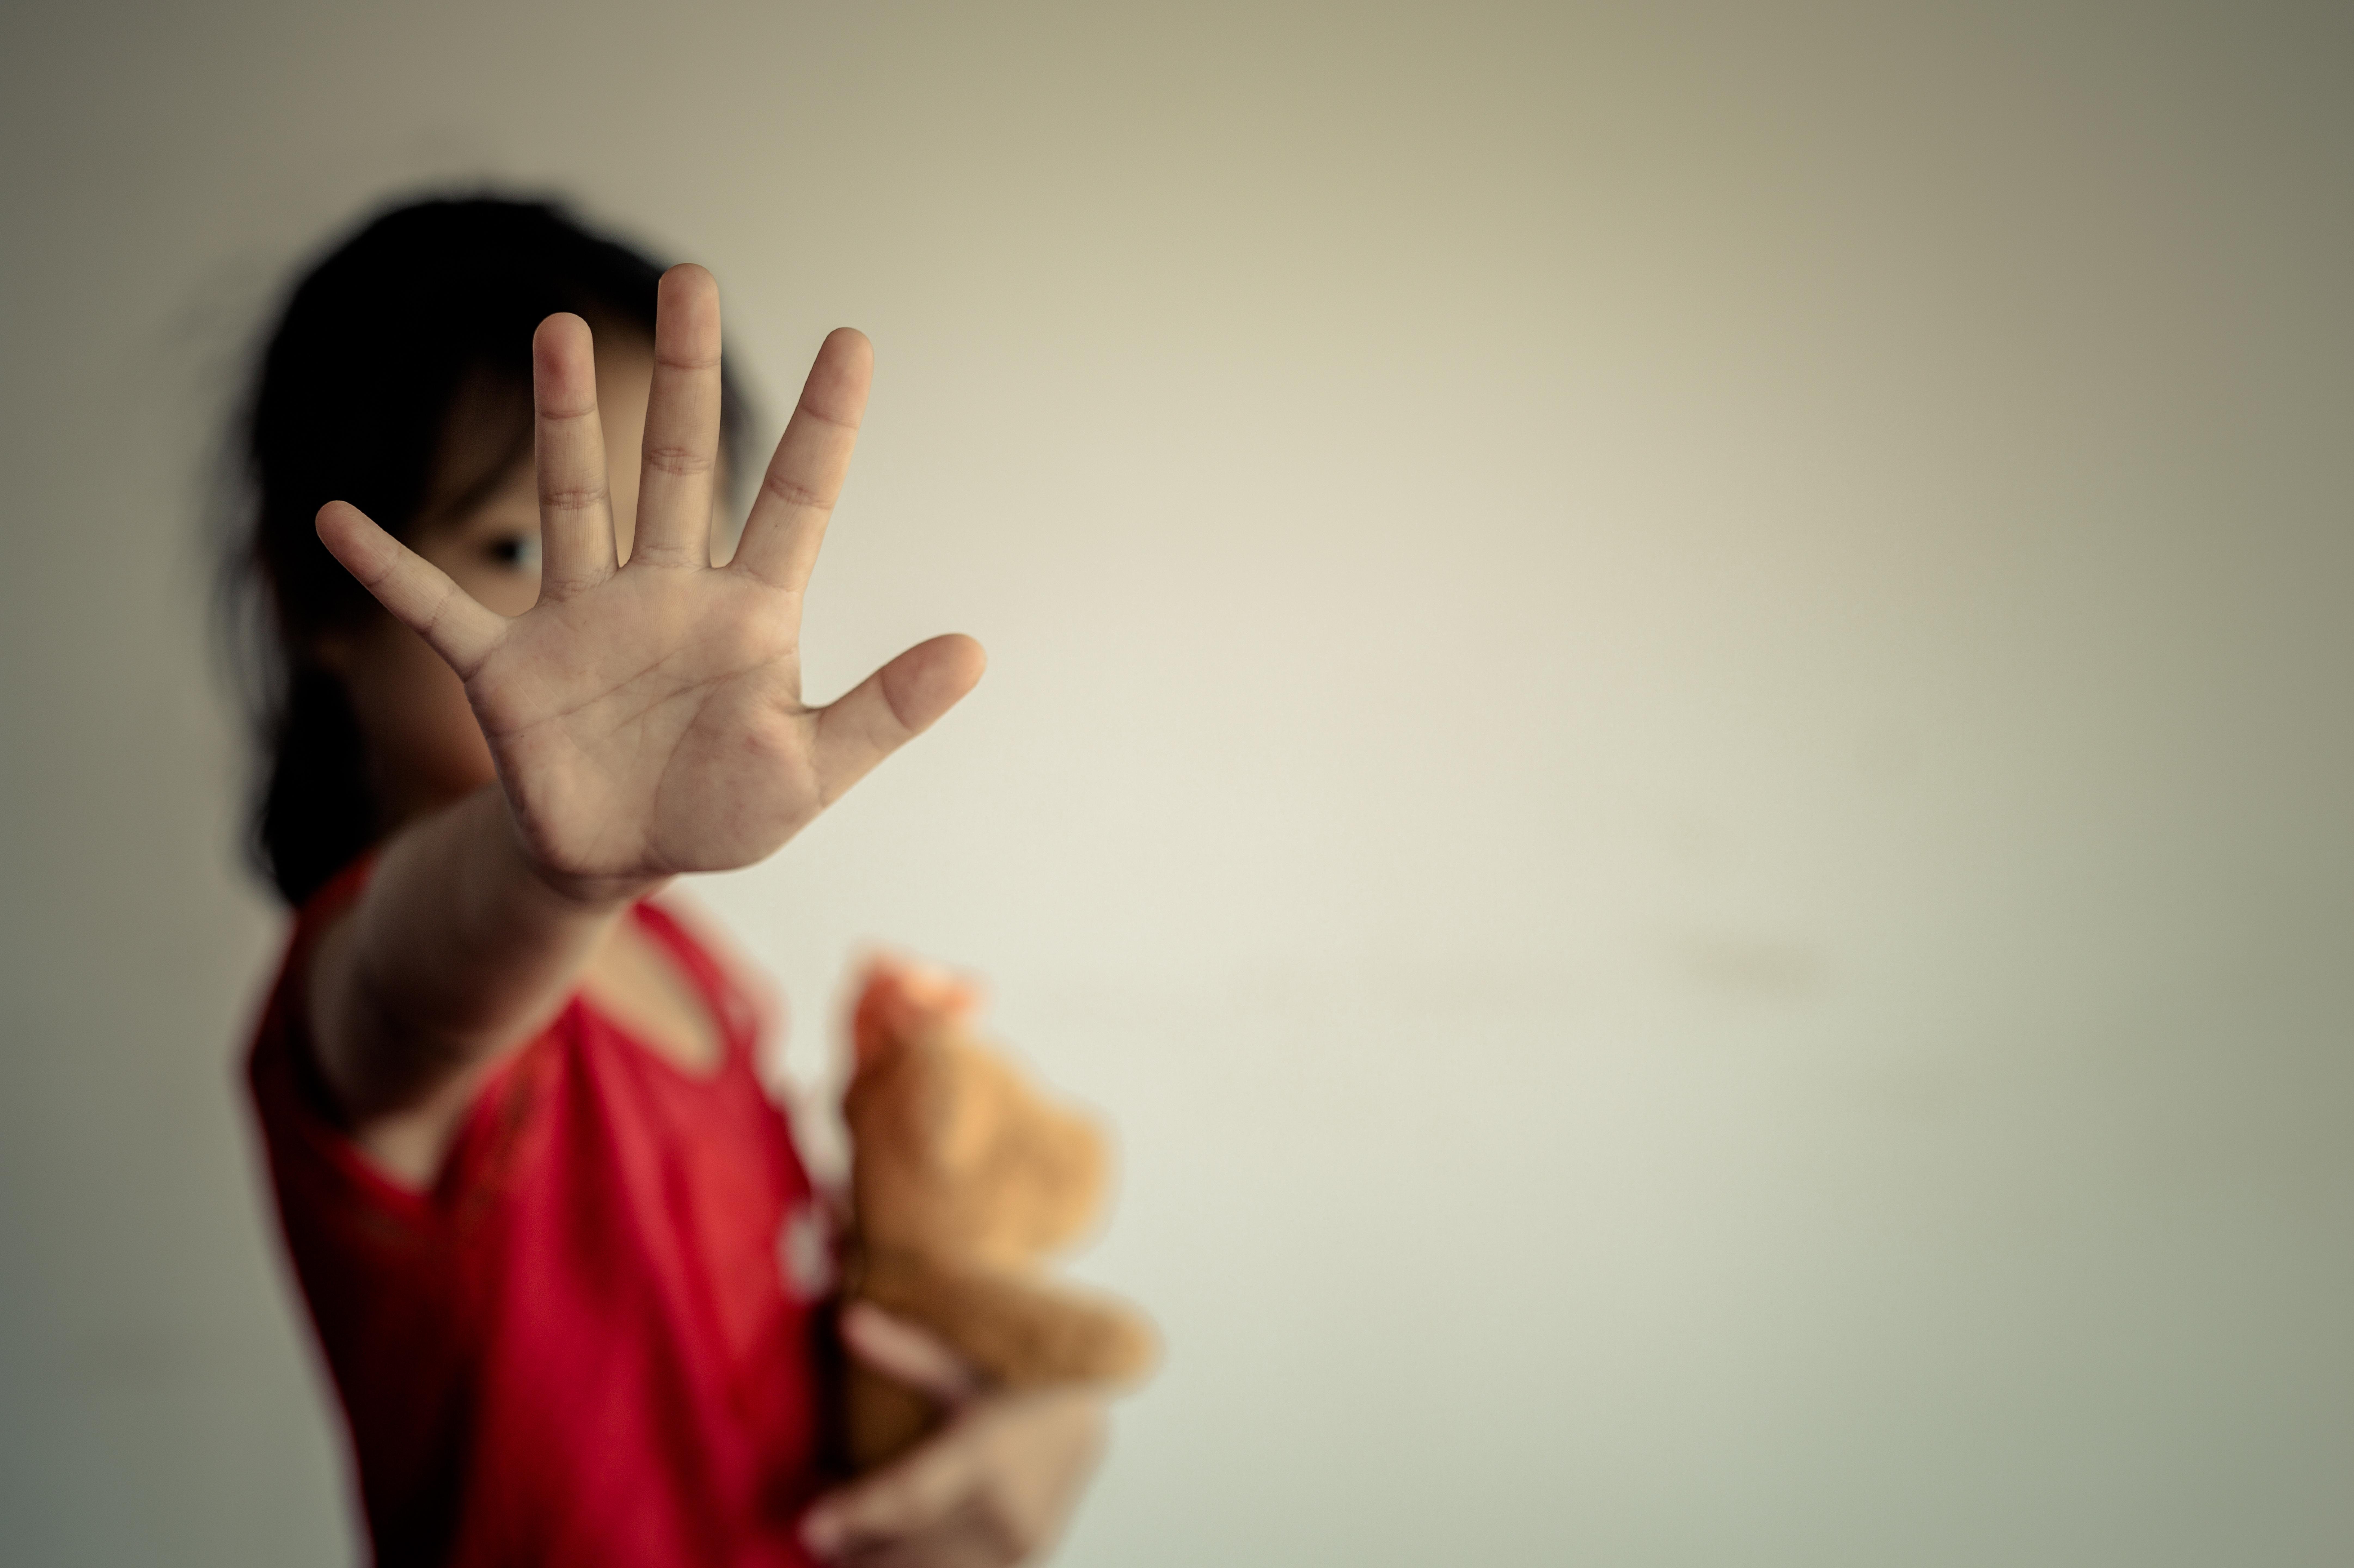 Vereinsakademie - Warnsignale für sexualisierte Gewalt erkennen und Kinder schützen